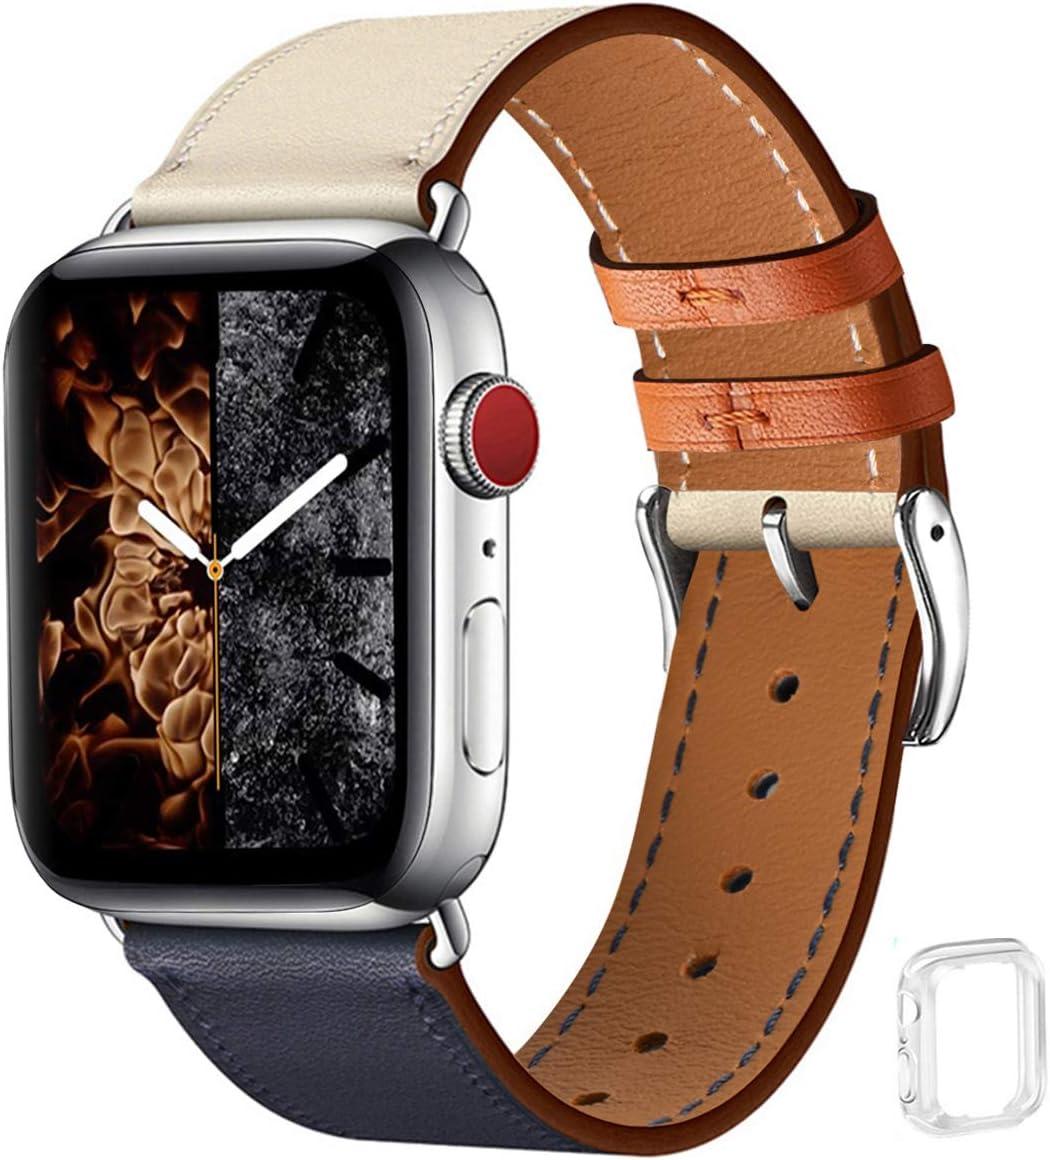 WFEAGL コンパチブル Apple Watch バンド,は本革レザーを使い、iWatch SE、 Series 6/5/4/3/2/1、Sport、Edition向けのバンド交換ストラップです コンパチブル アップルウォッチ バンド(42mm 44mm, ダークブルーのアイボリー バンド+シルバー 四角い...